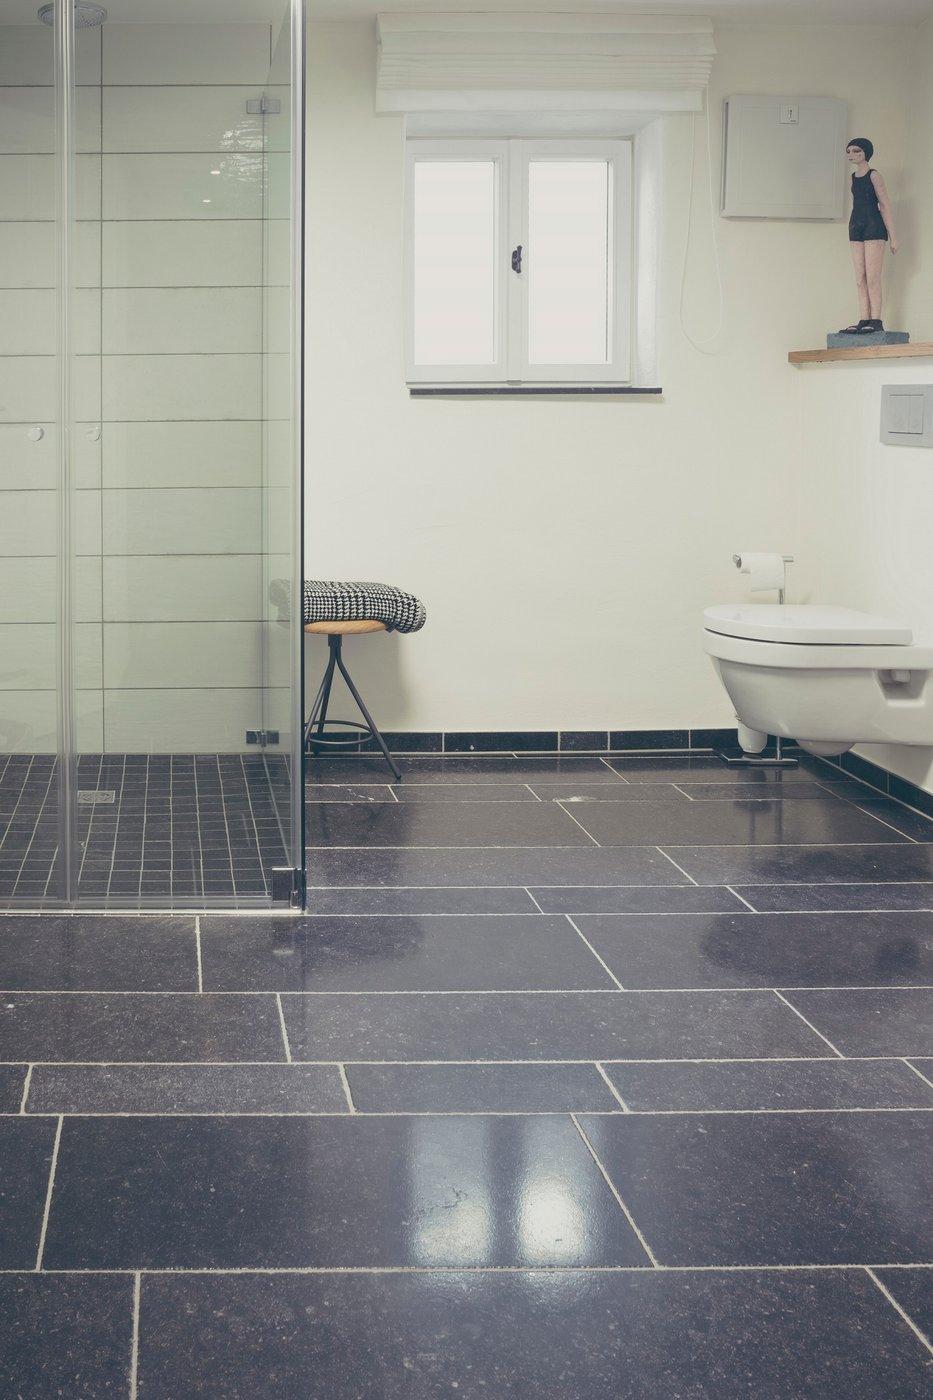 Scholtes Fliesen & Sanitär » Produktwelt Fliese